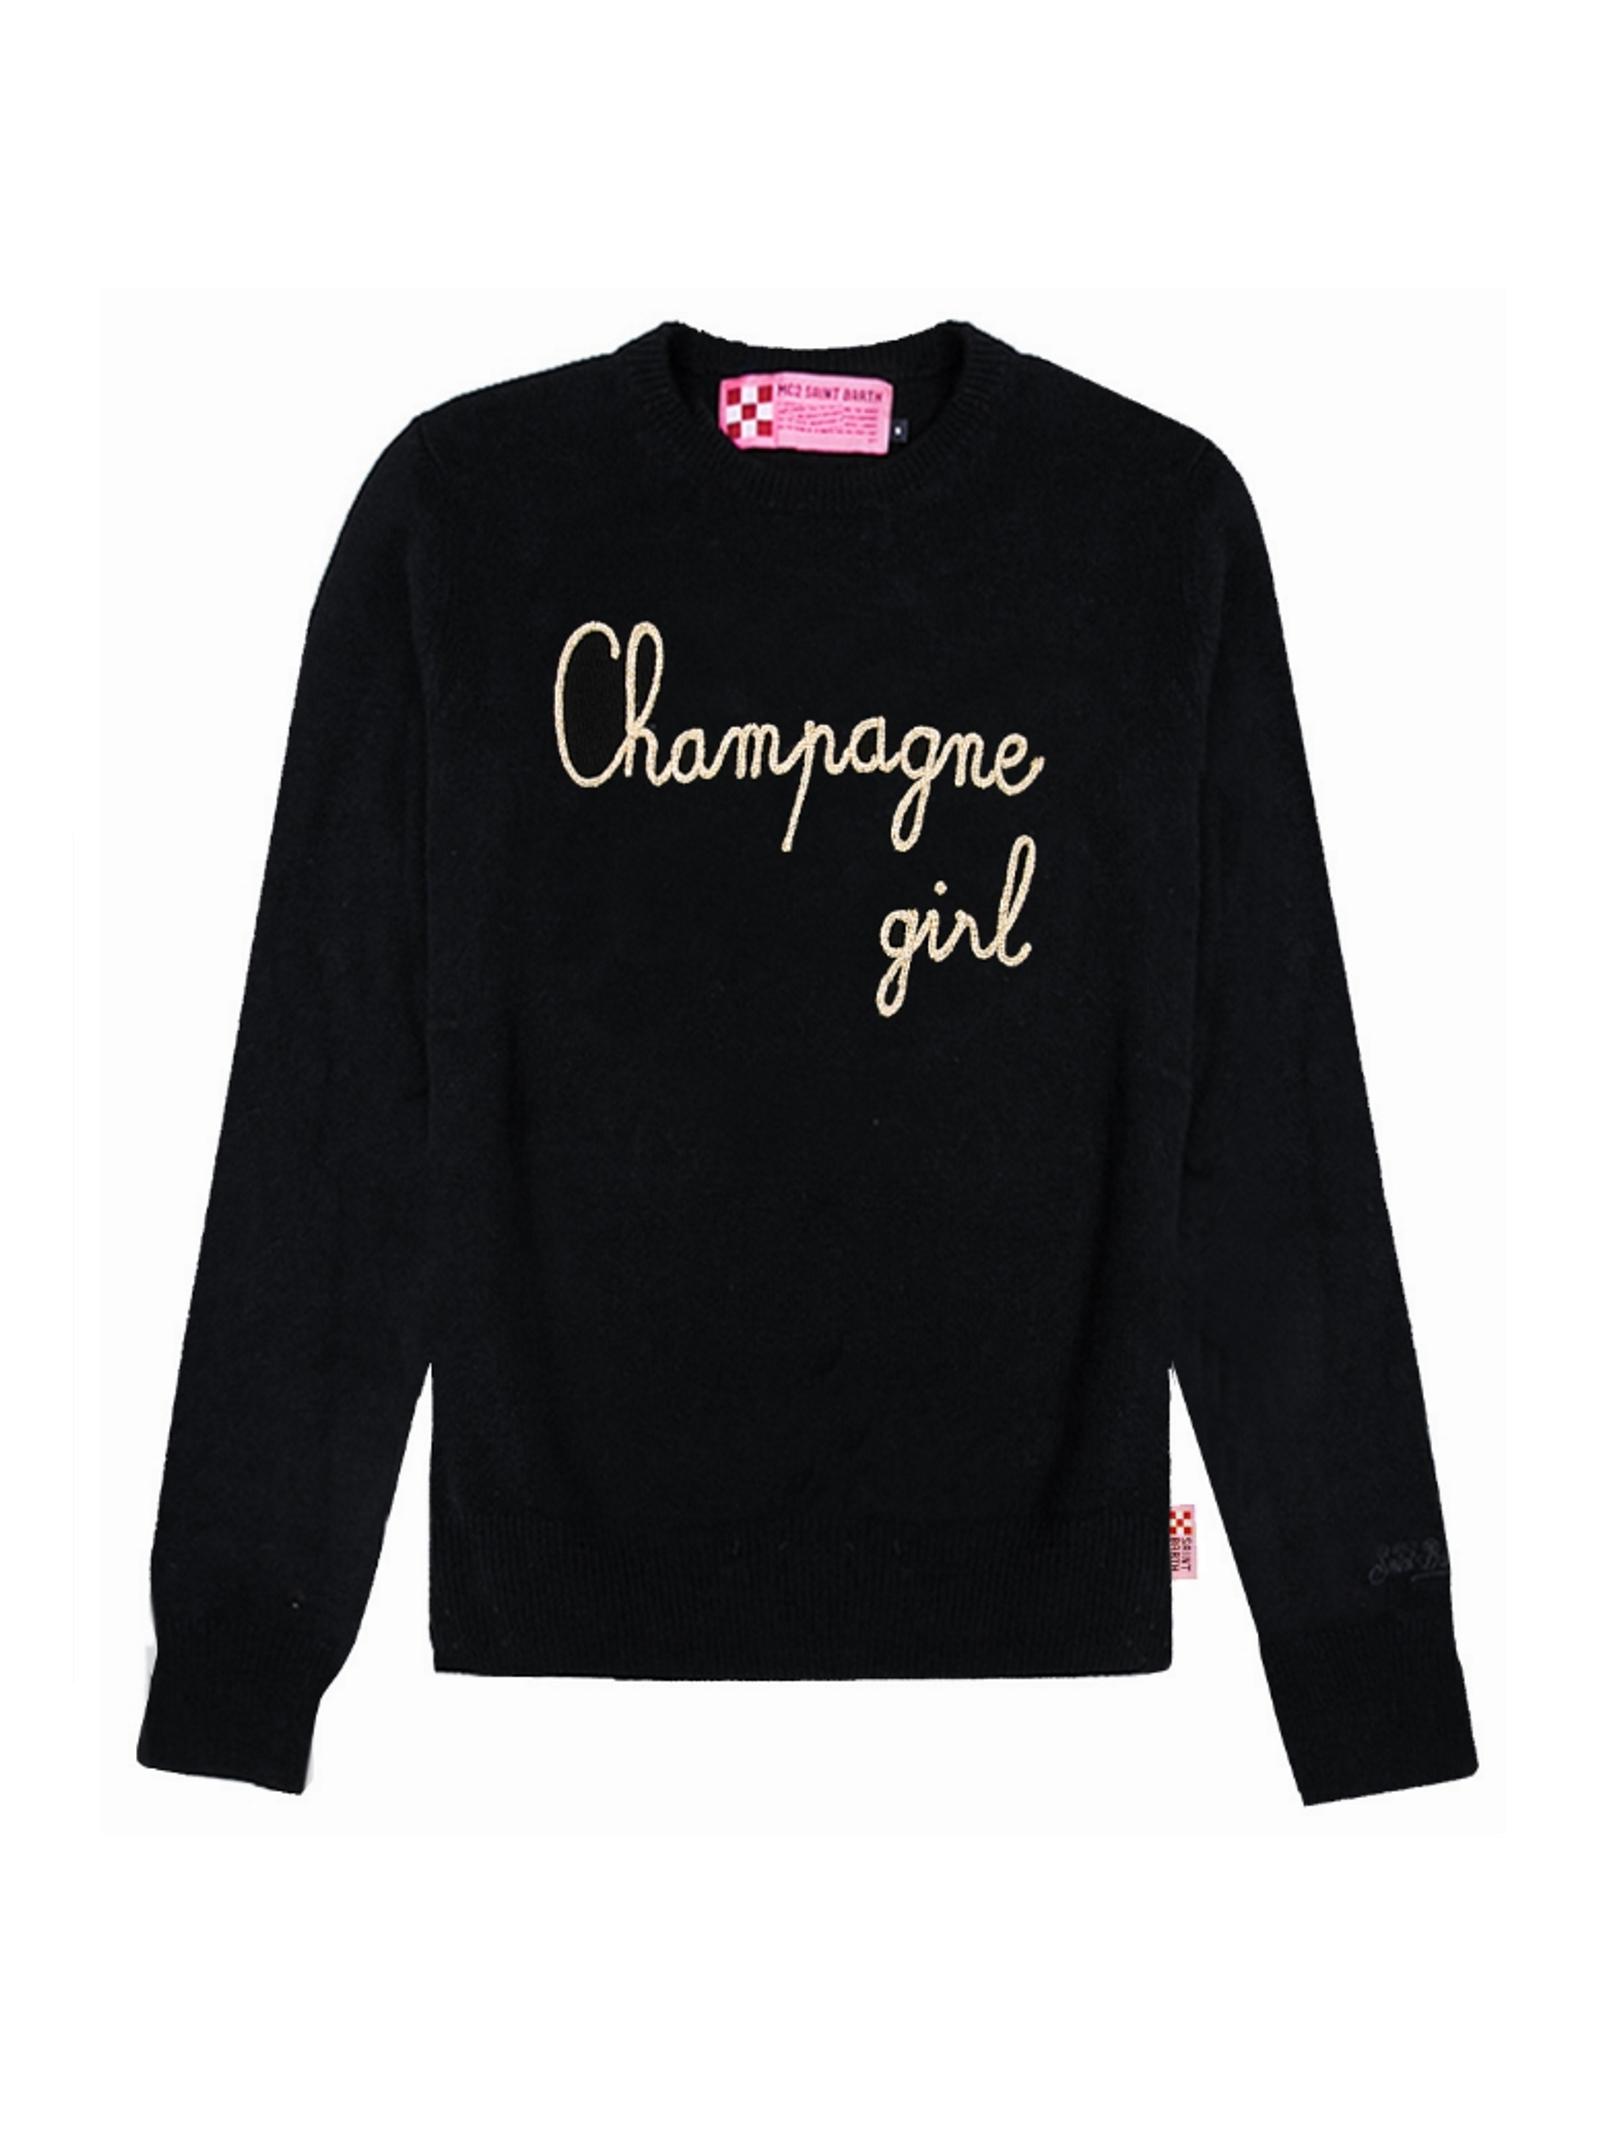 Pullover Champagne Girl MC2 Saint Barth MC2  SAINT BARTH   1   EMCG0R00OR